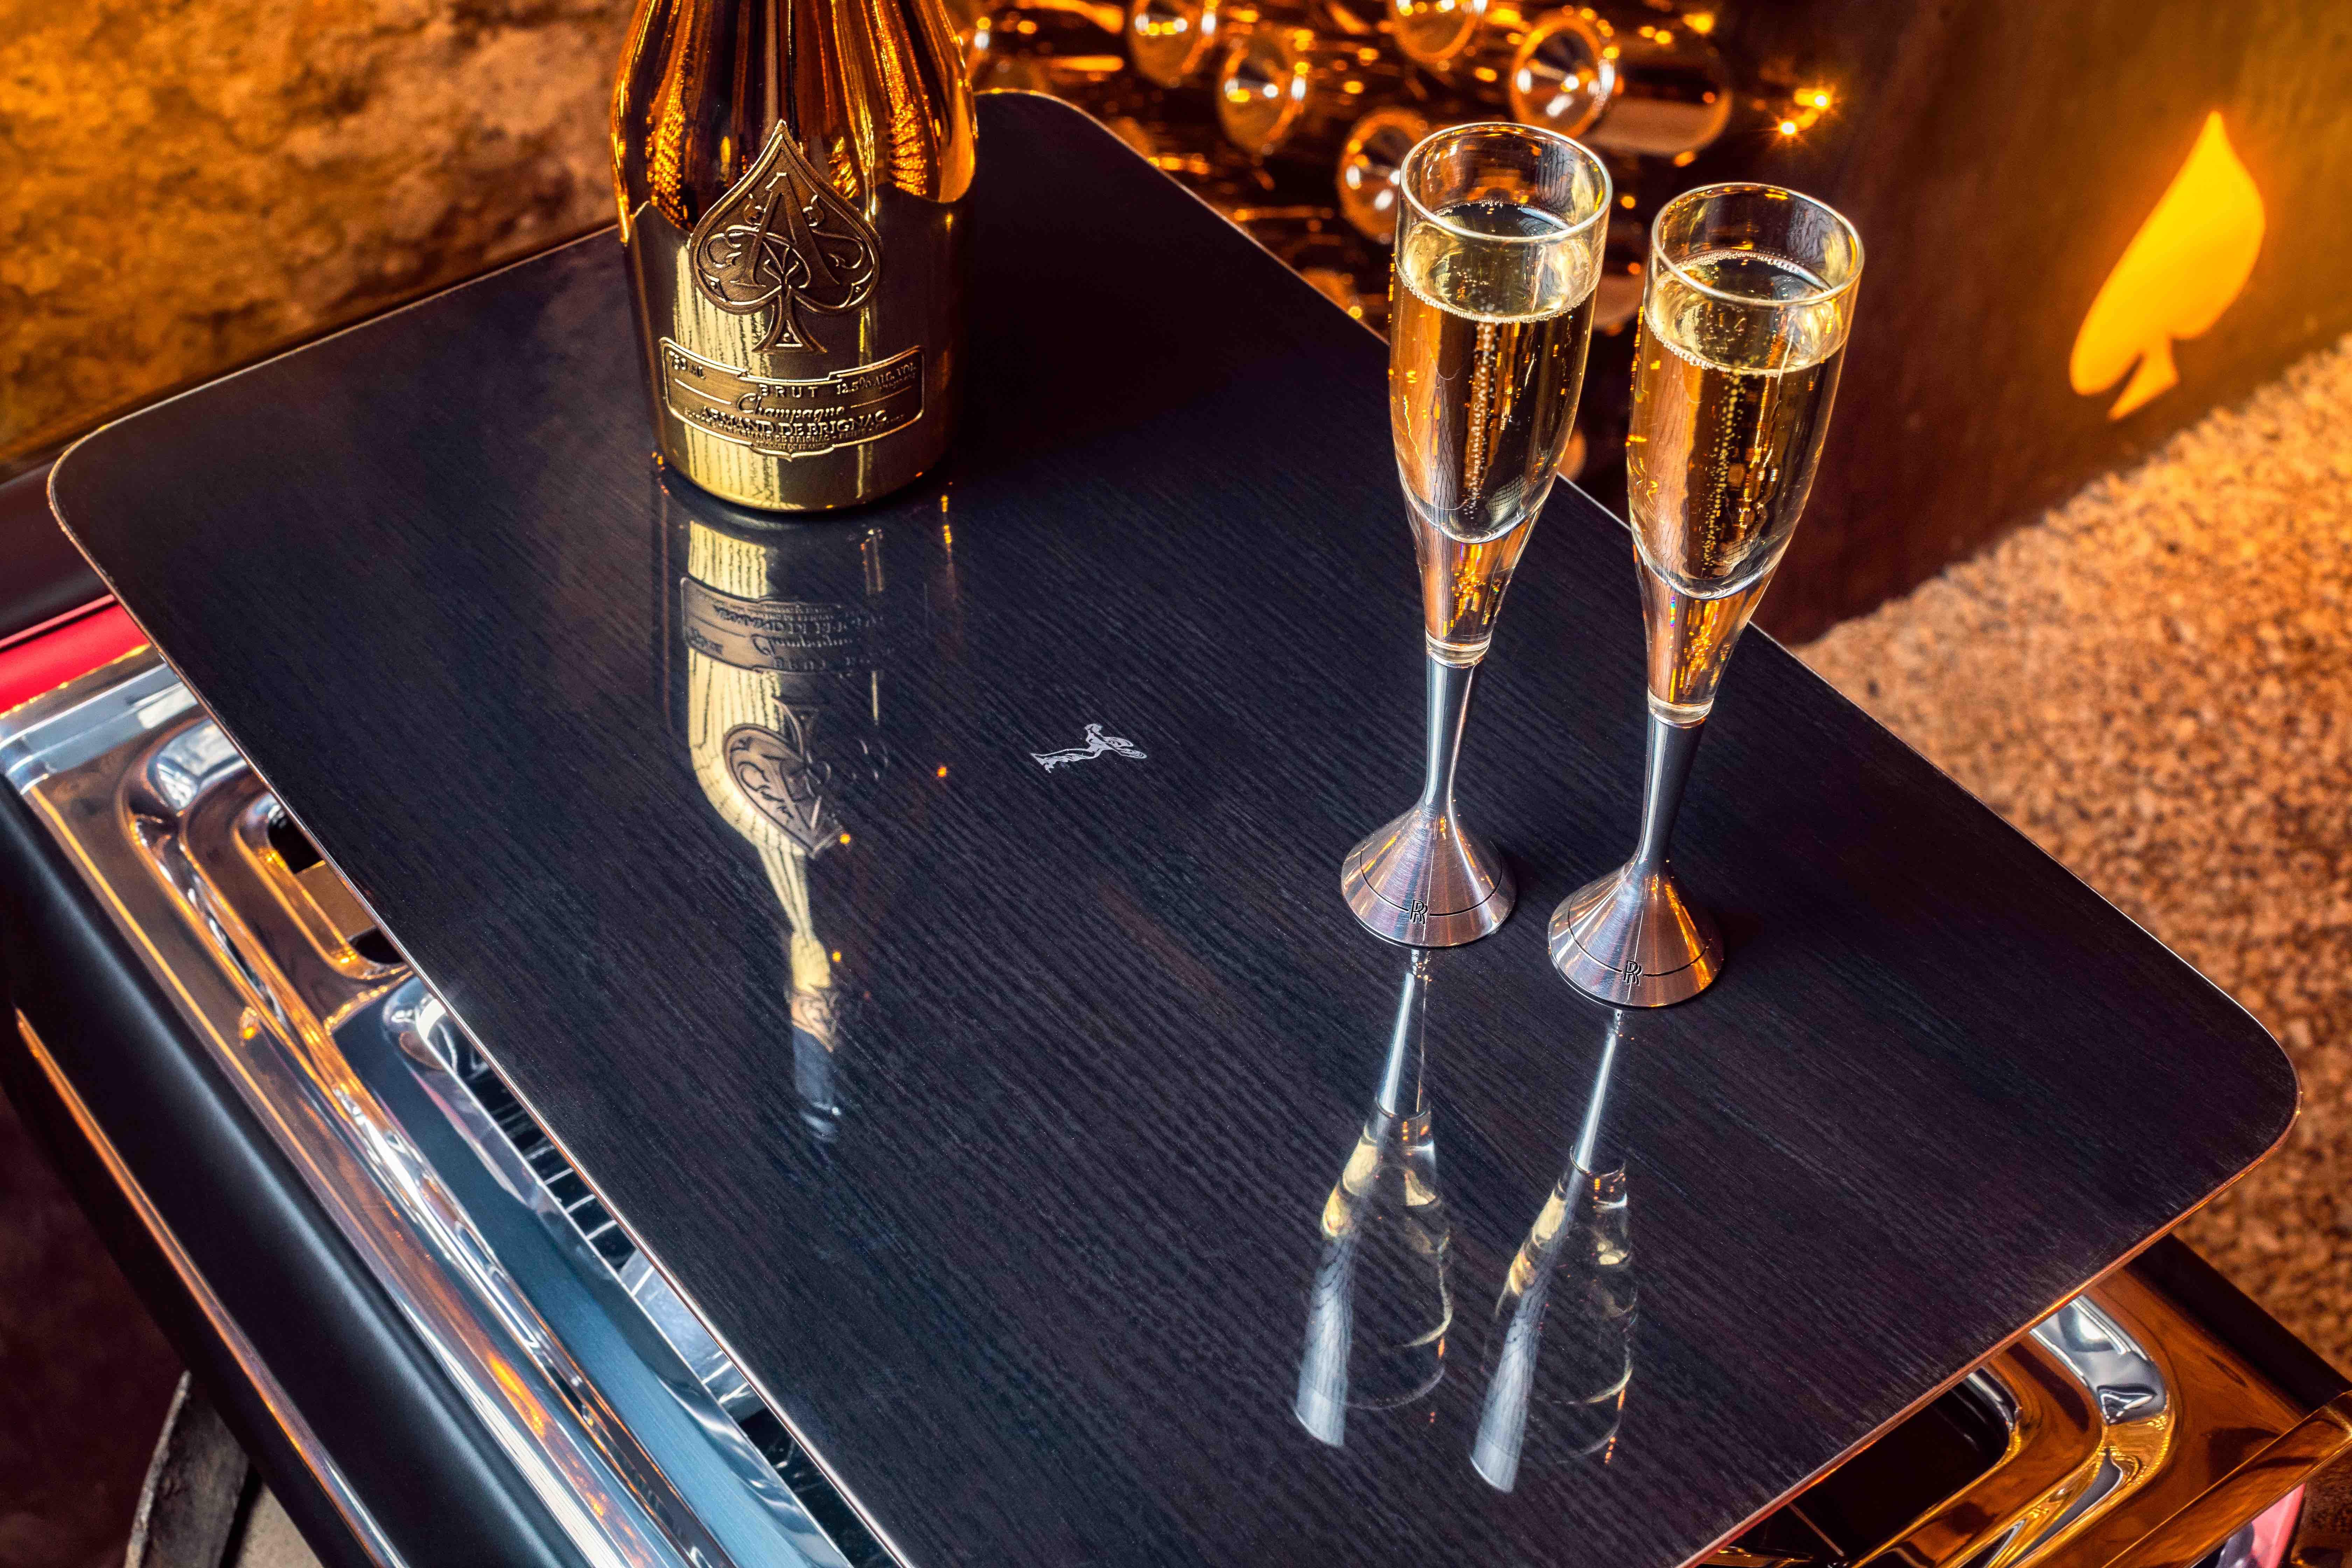 【新闻图片】劳斯莱斯香槟酒柜_3